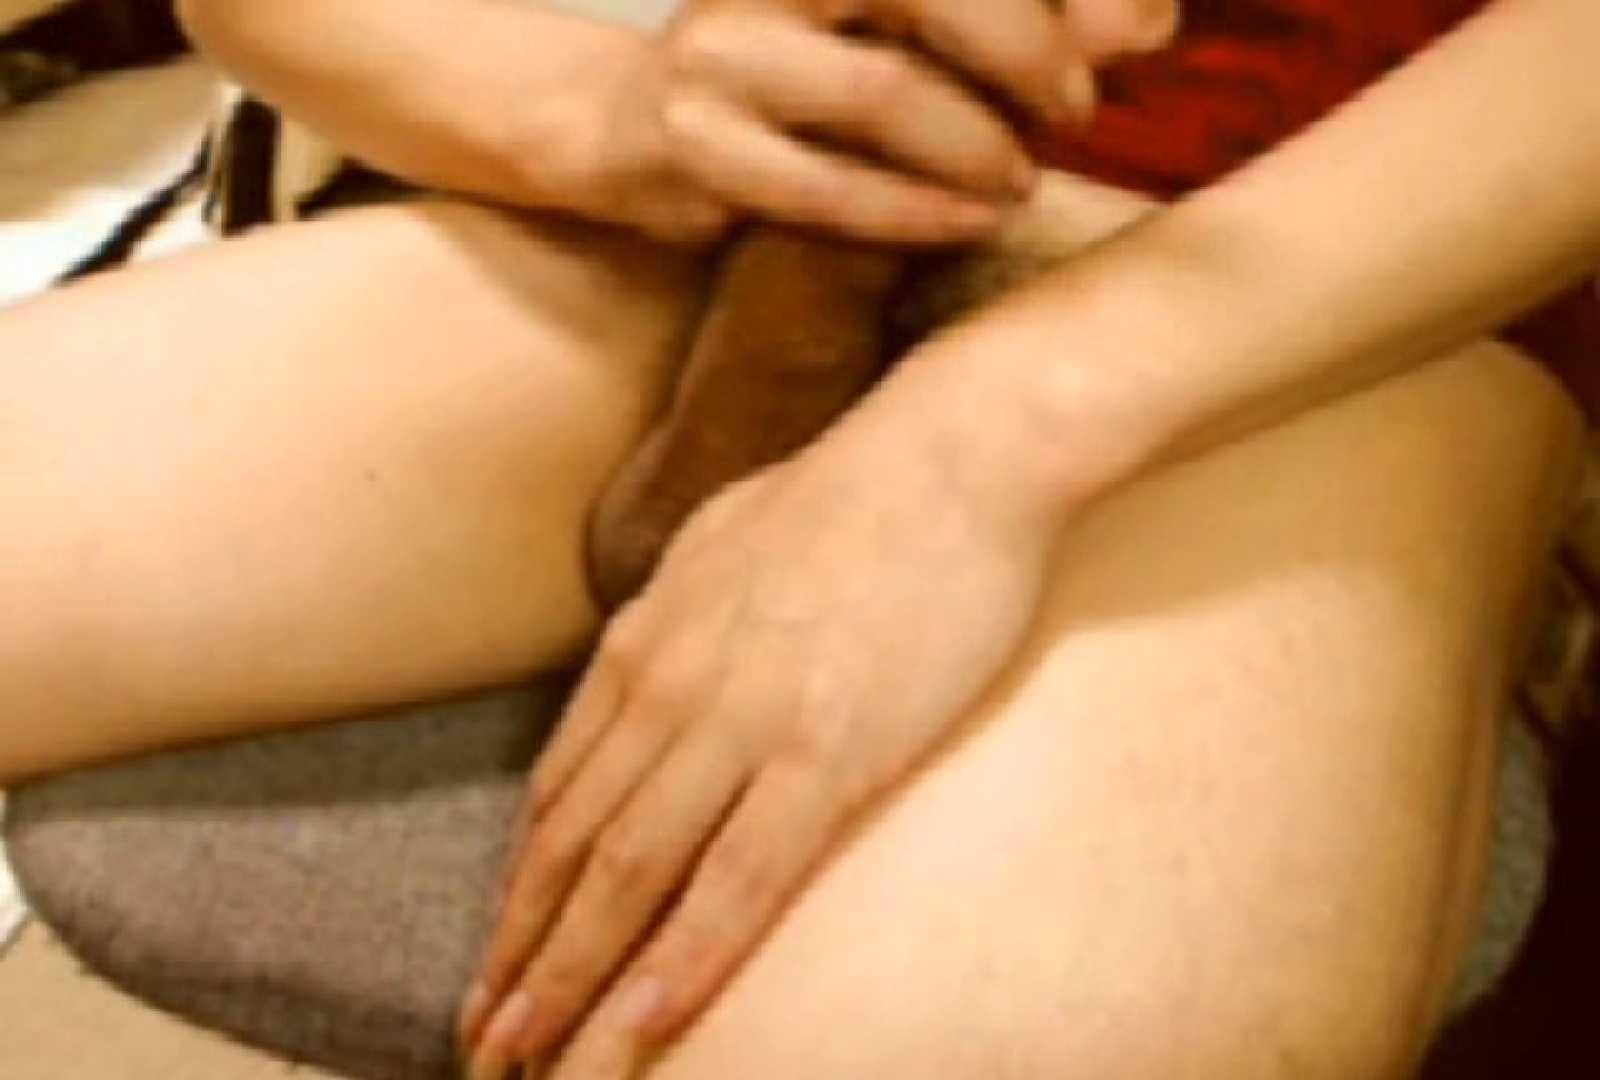 ヴィジュアル系超イケメンもっこりビッグダディ!!vol.1 メンズモデル ゲイエロ動画 81画像 68